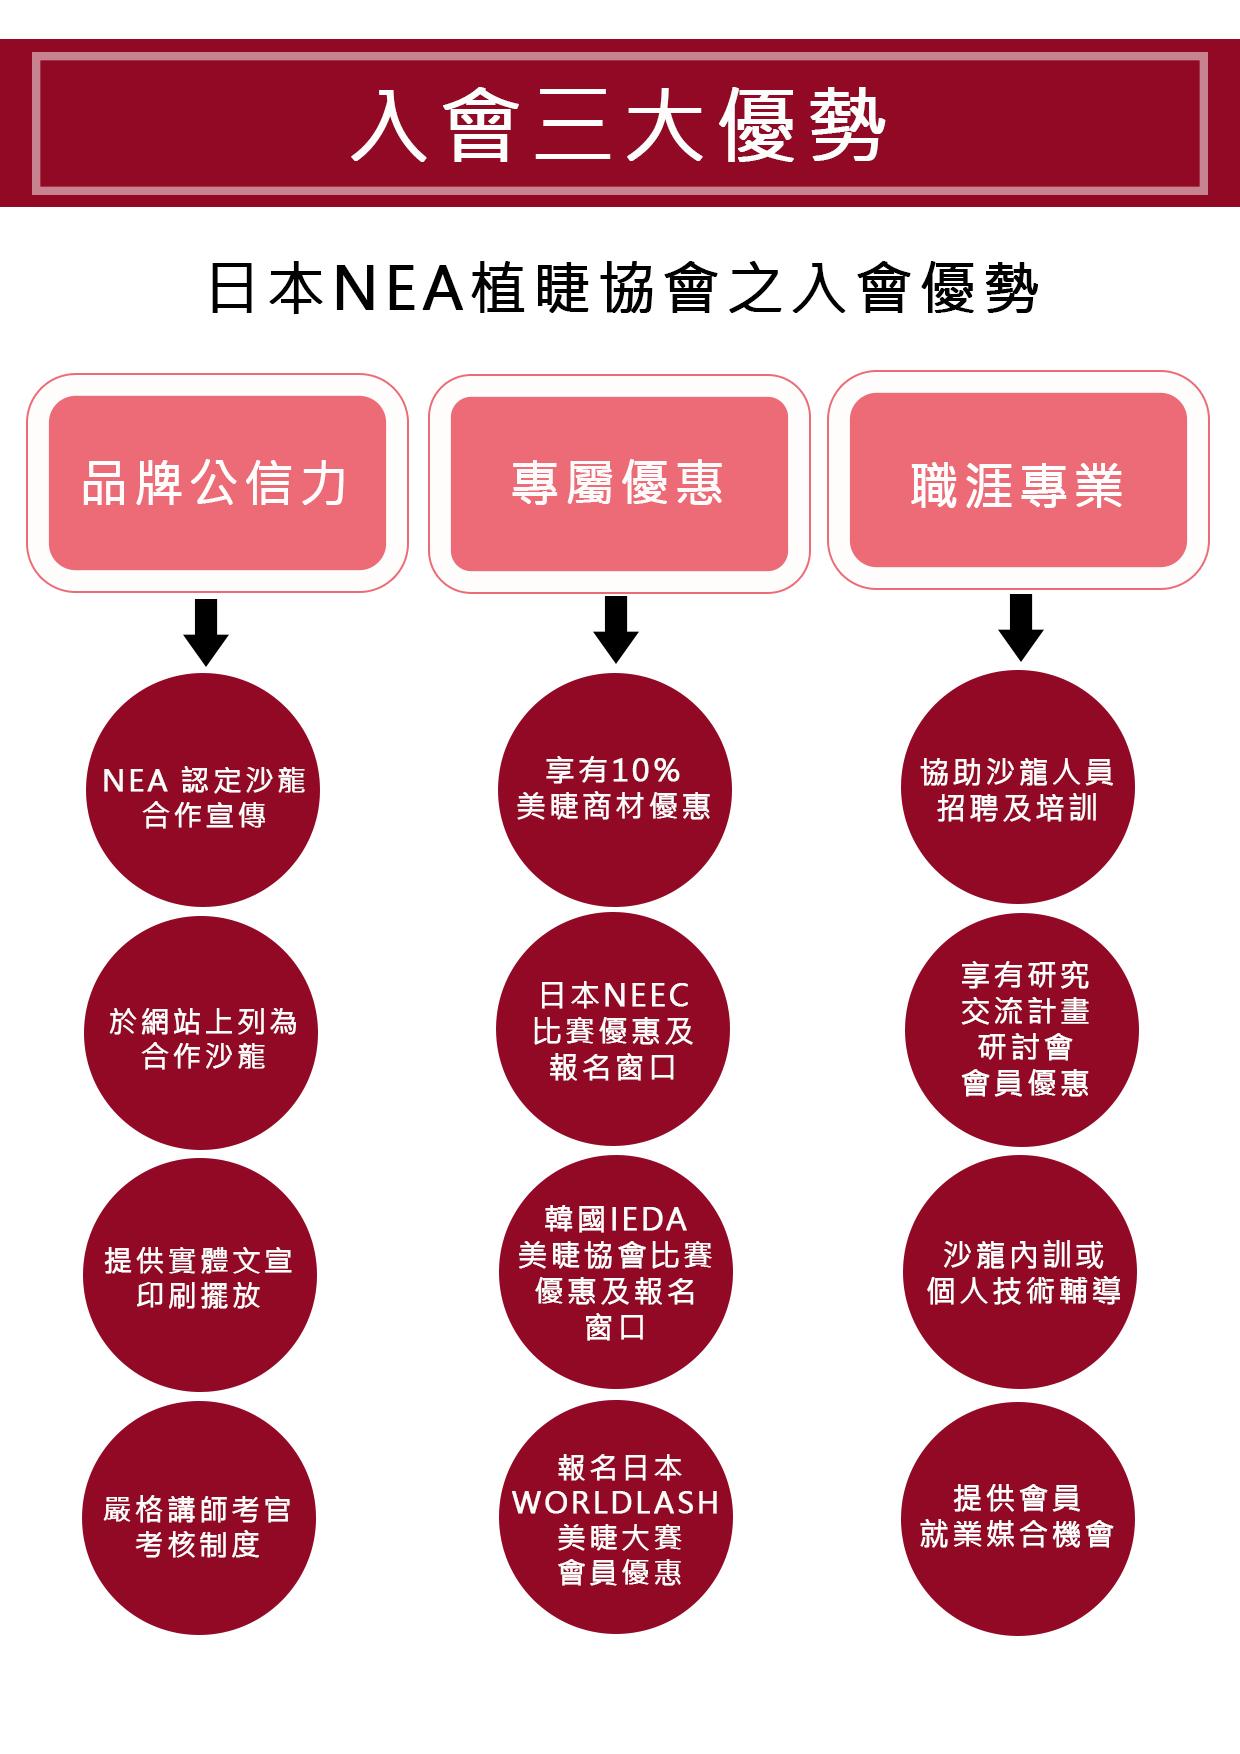 NEA日本美睫協會-入會的三大優勢